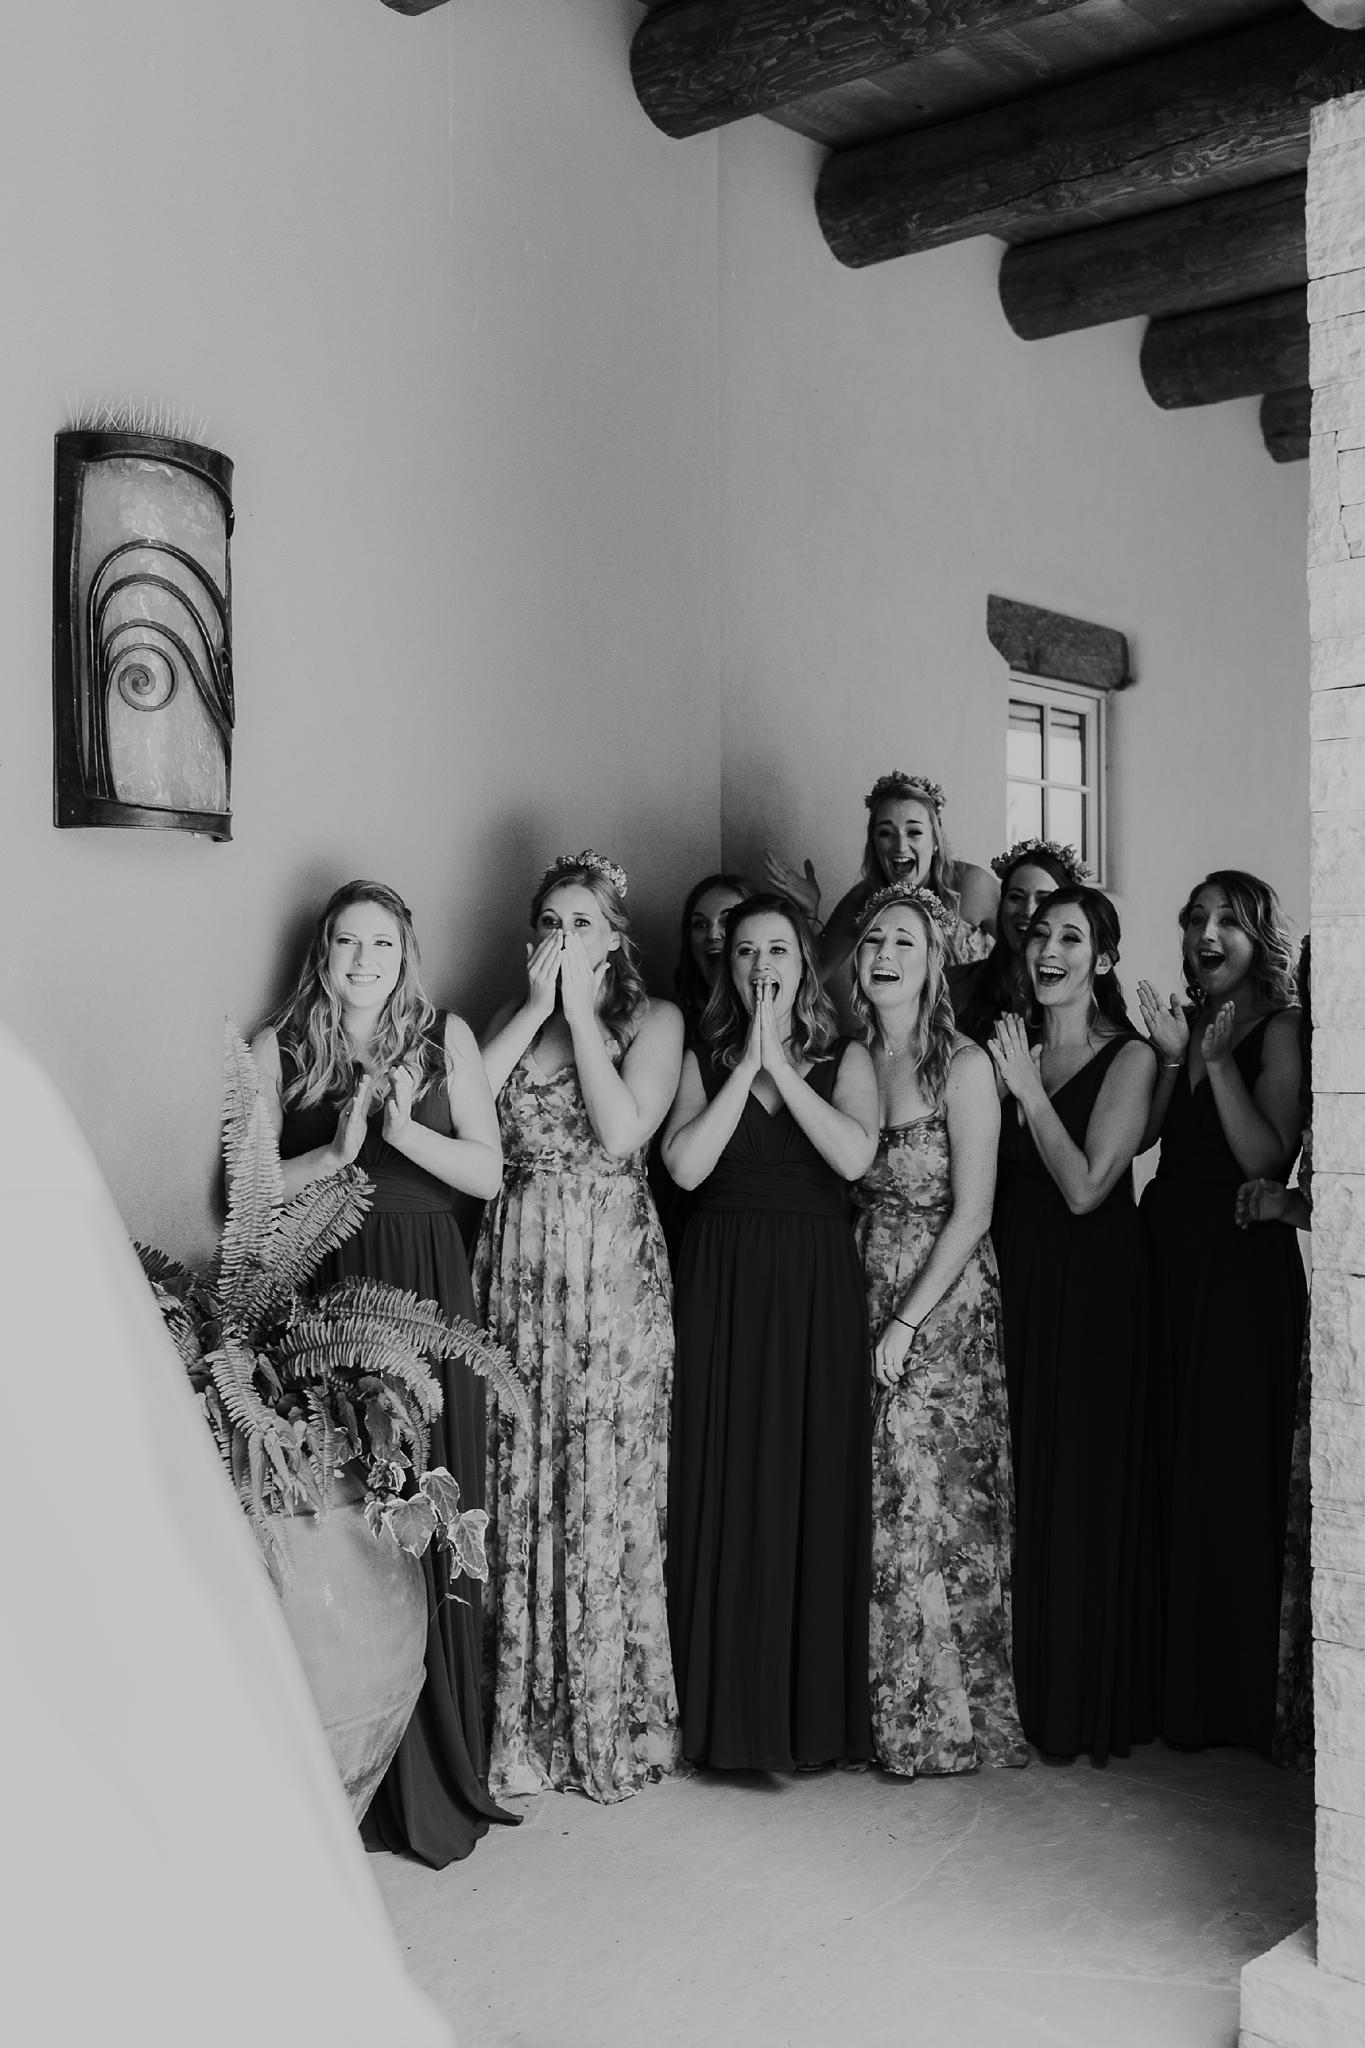 Alicia+lucia+photography+-+albuquerque+wedding+photographer+-+santa+fe+wedding+photography+-+new+mexico+wedding+photographer+-+new+mexico+wedding+-+las+campanas+wedding+-+santa+fe+wedding+-+maximalist+wedding+-+destination+wedding_0023.jpg